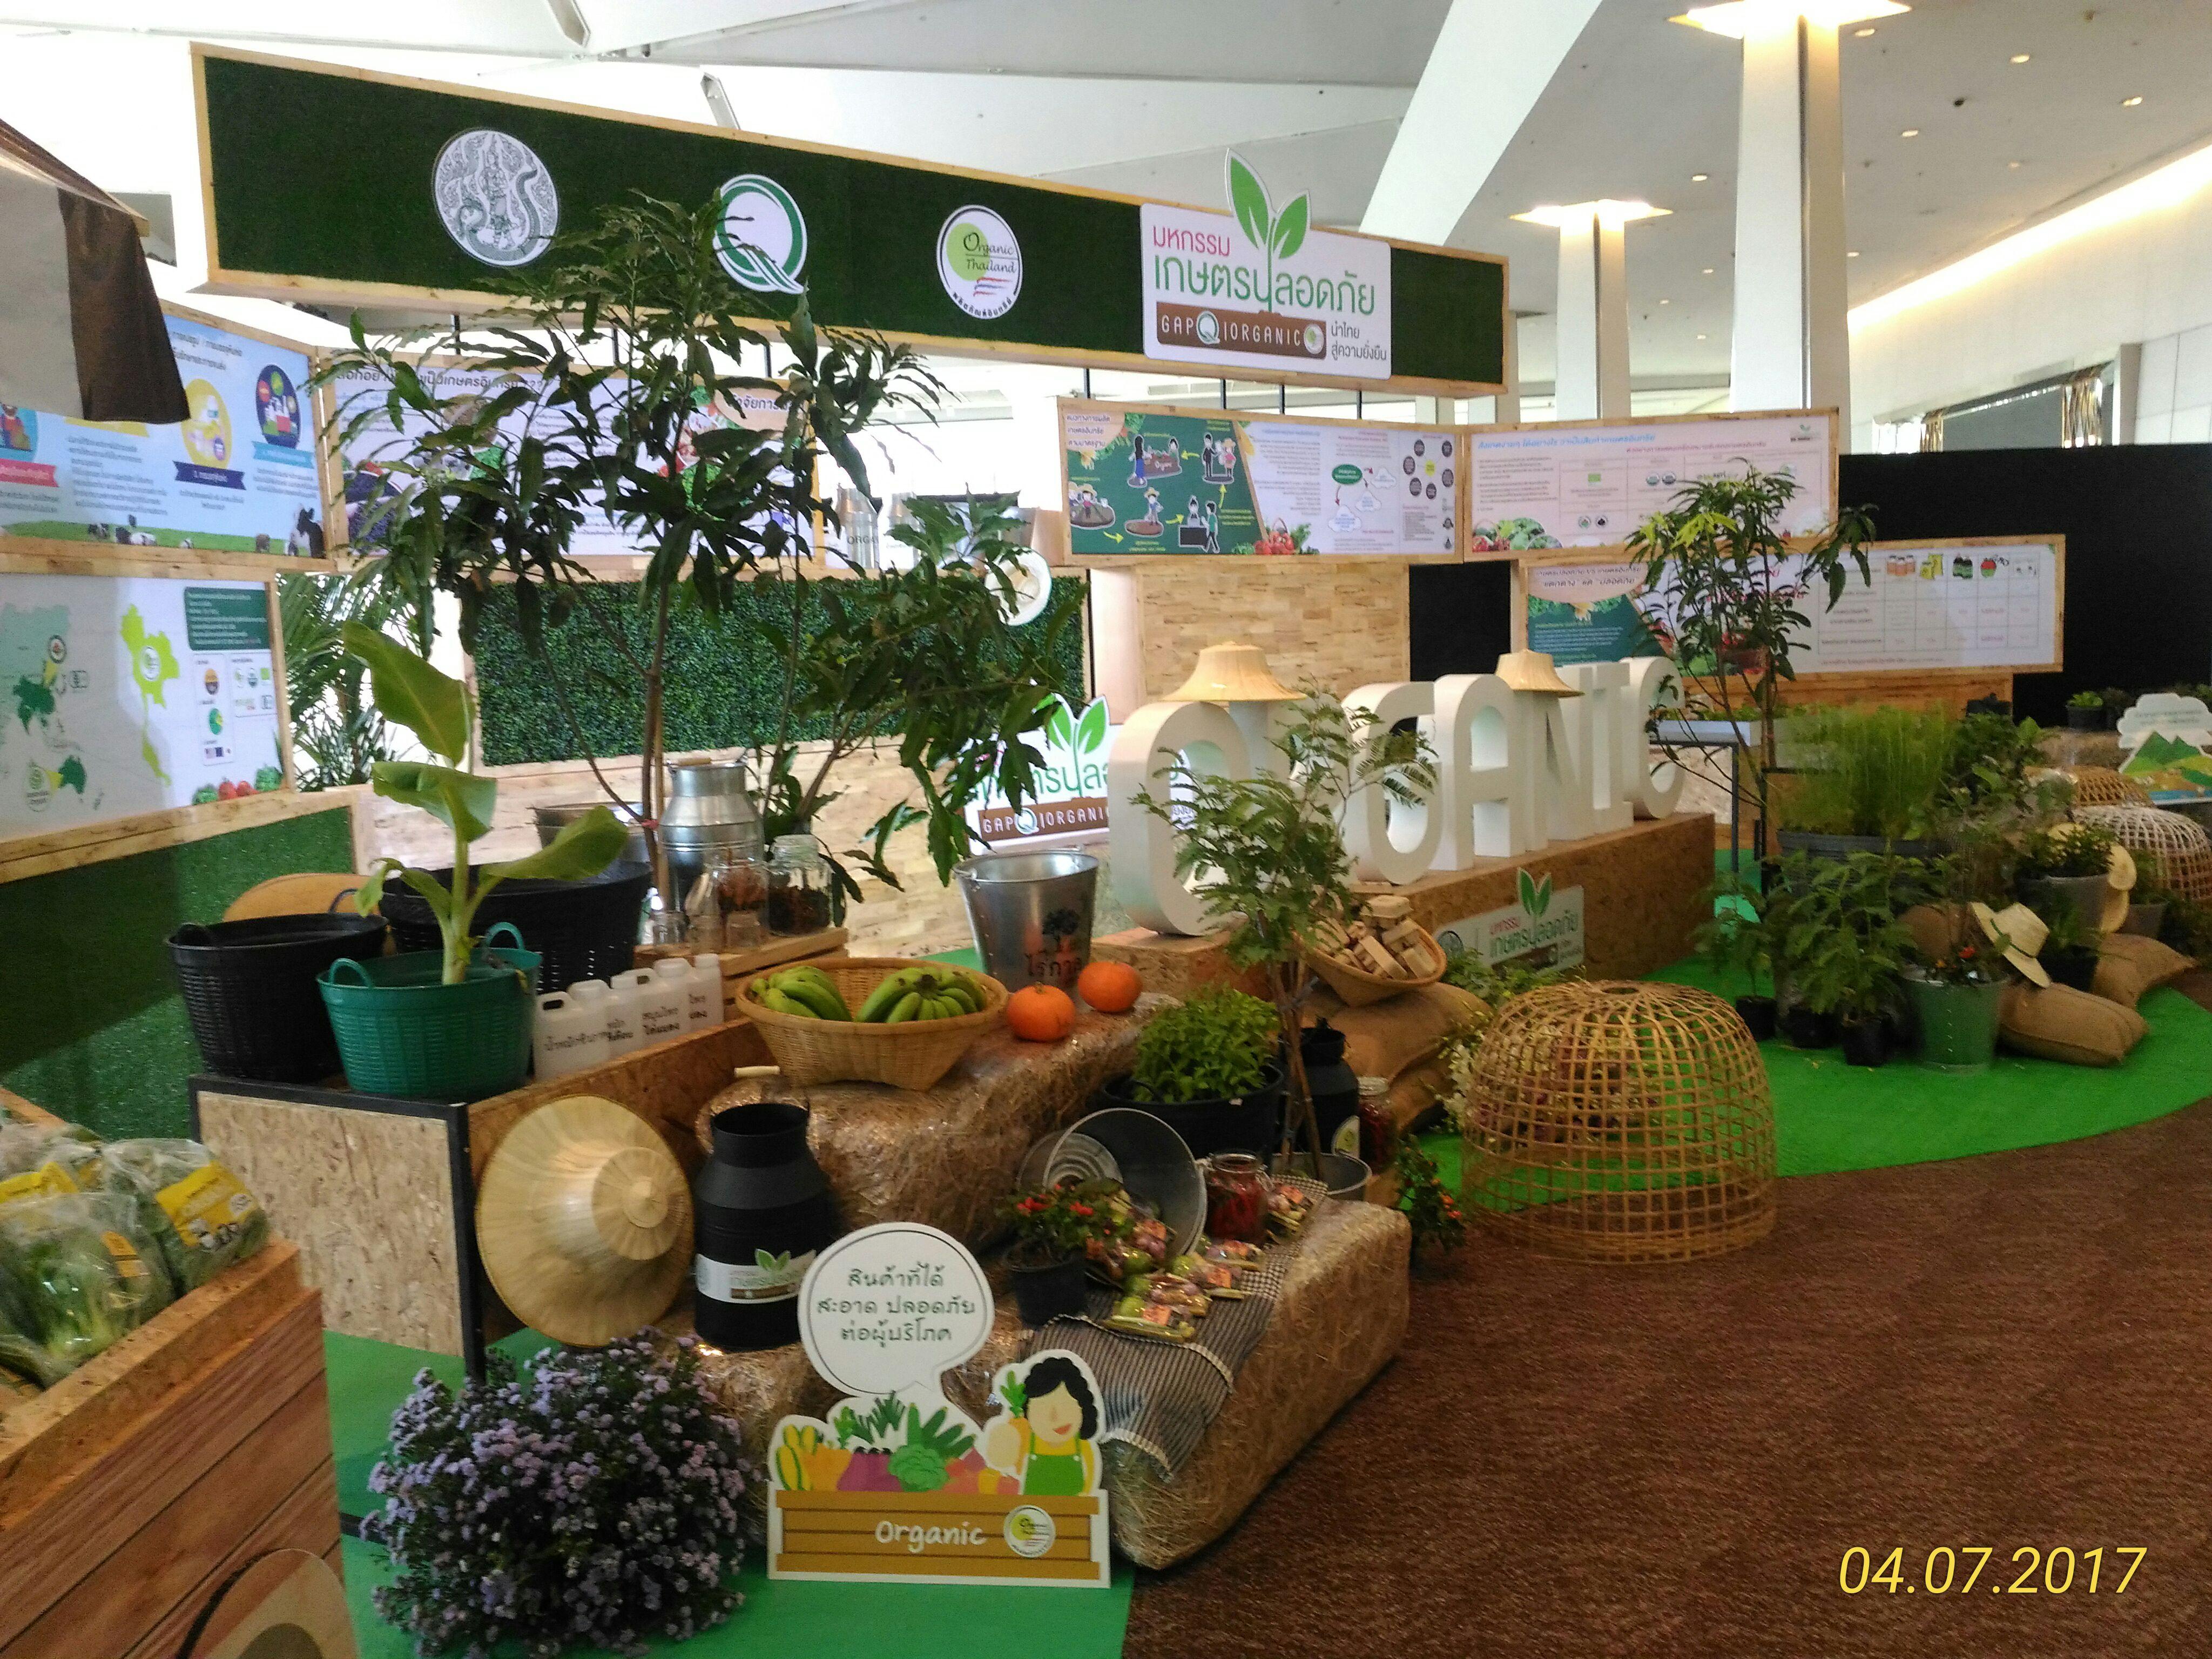 ก.เกษตรฯ ยกระดับมาตรฐานเกษตรอินทรีย์